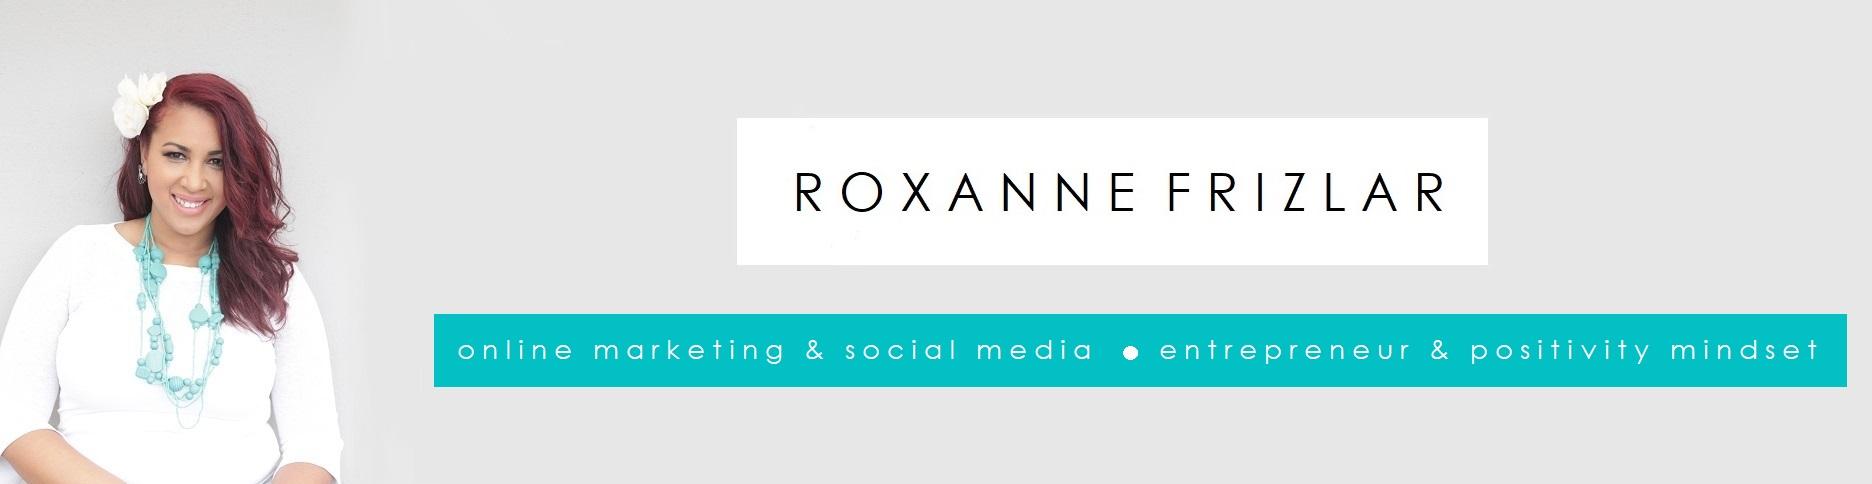 Roxanne Frizlar – Online Marketing – Social Media – Content Marketing